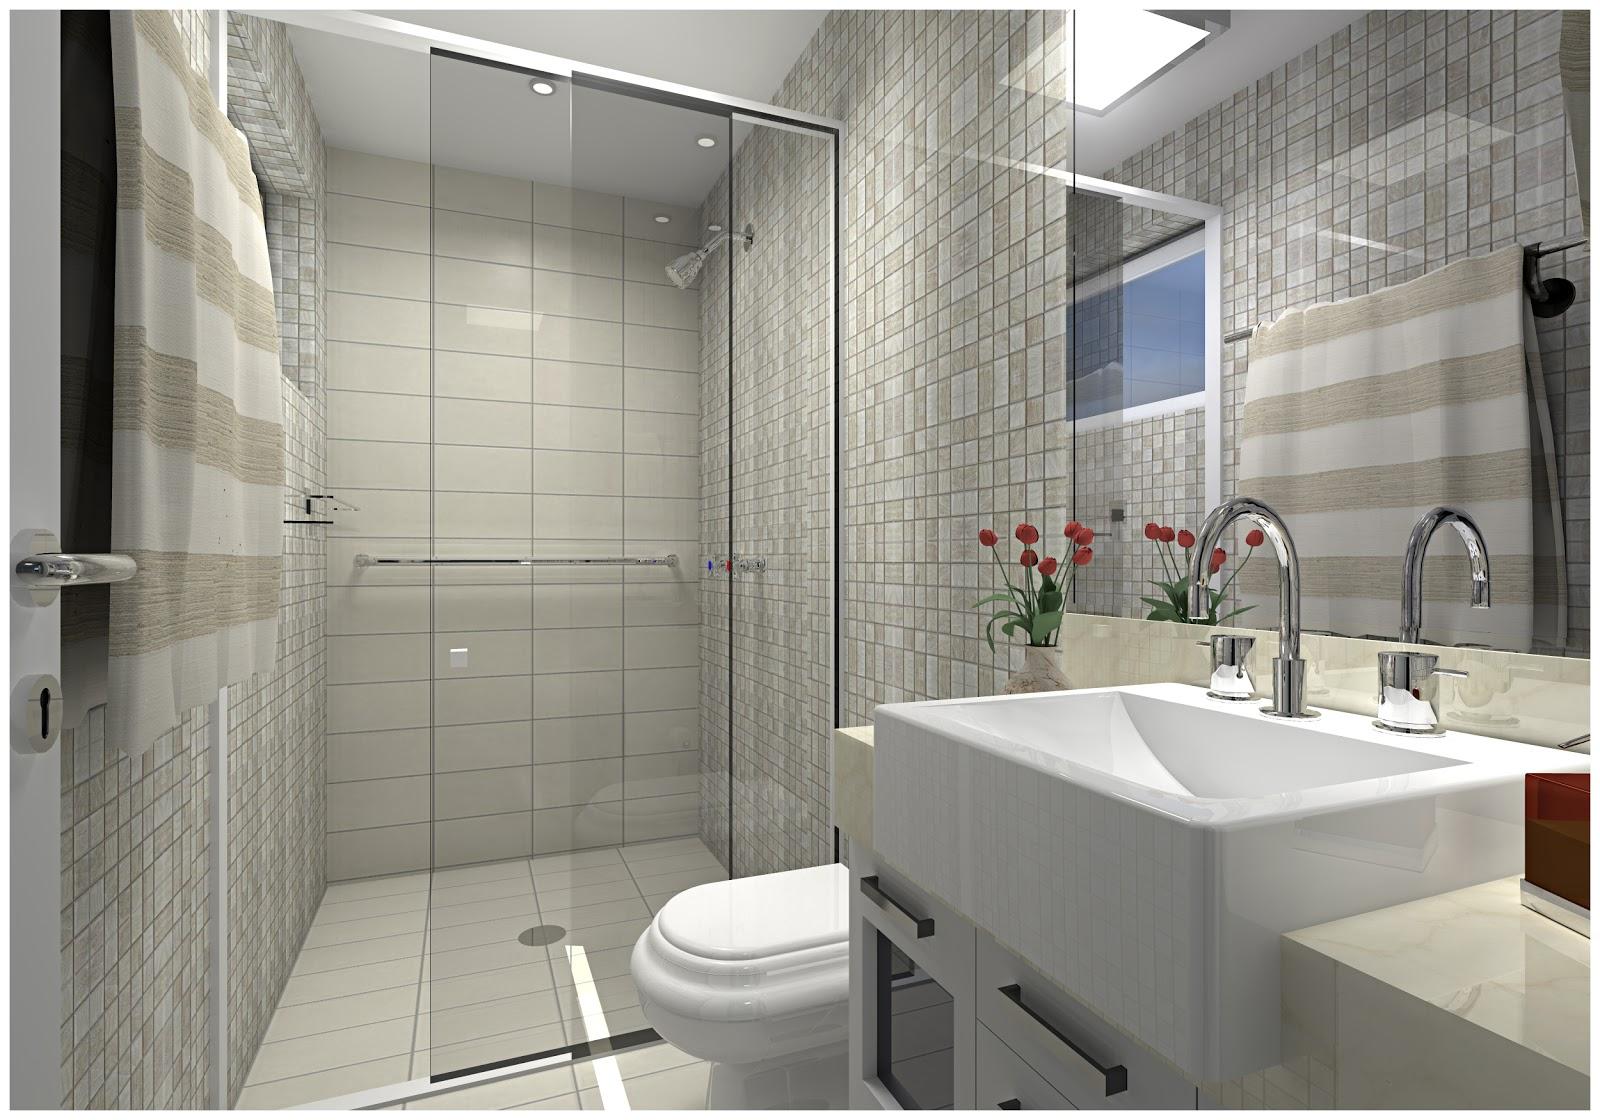 Imagens de #673A33 decorar banheiro pequeno gastando pouco:Reciclar reformar e decorar  1600x1120 px 3604 Banheiros Super Simples